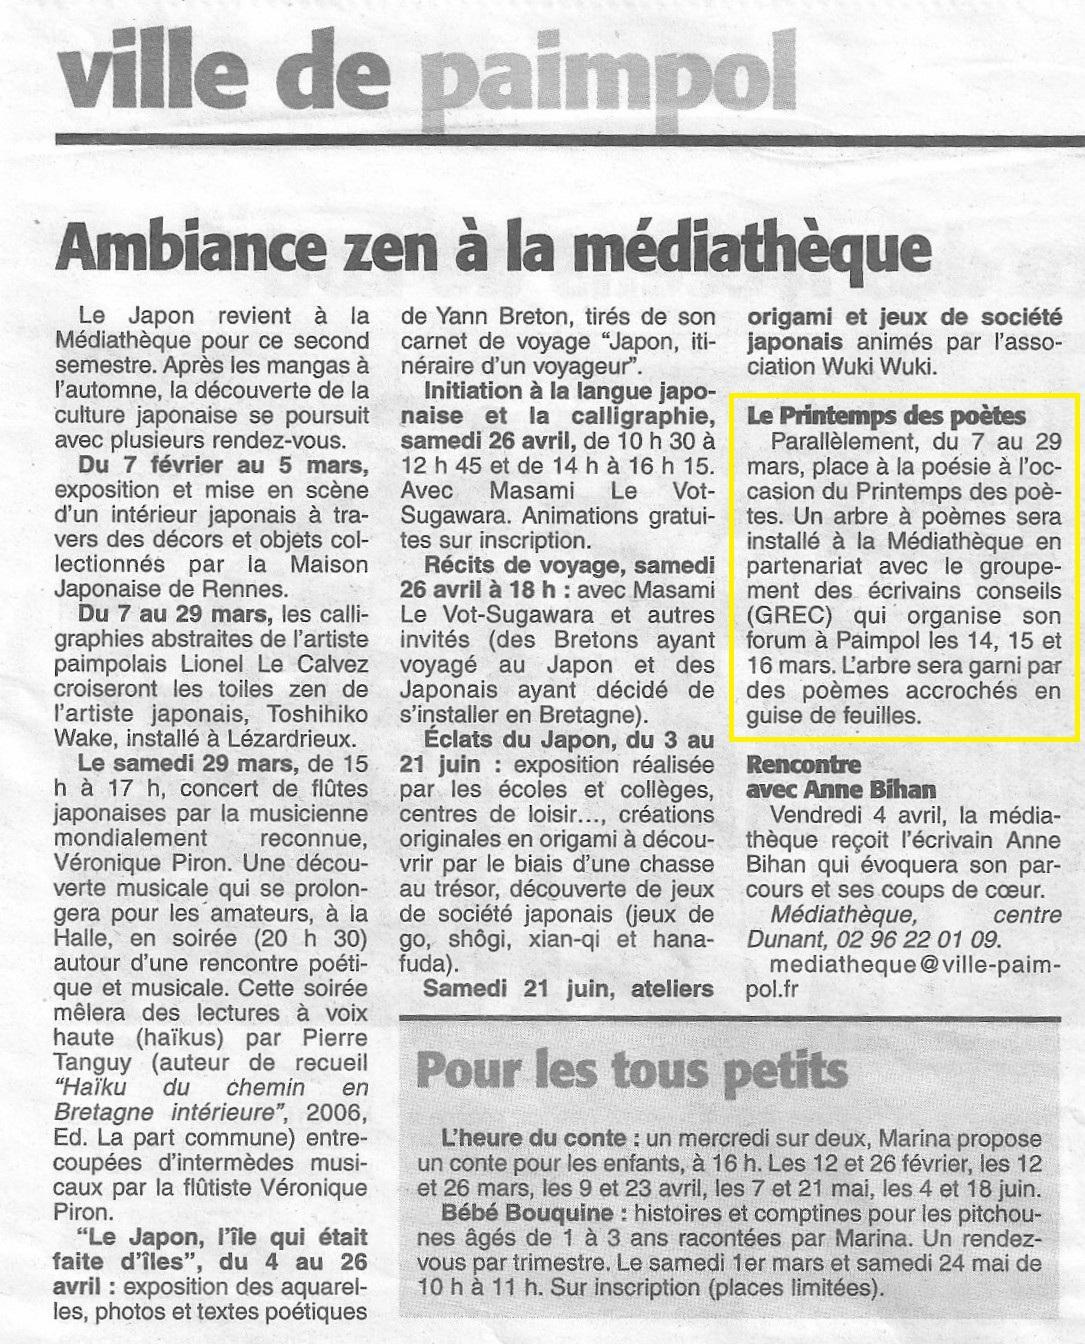 La Presse d'Armor, Ambiance zen à la médiathèque (5 février 2014)